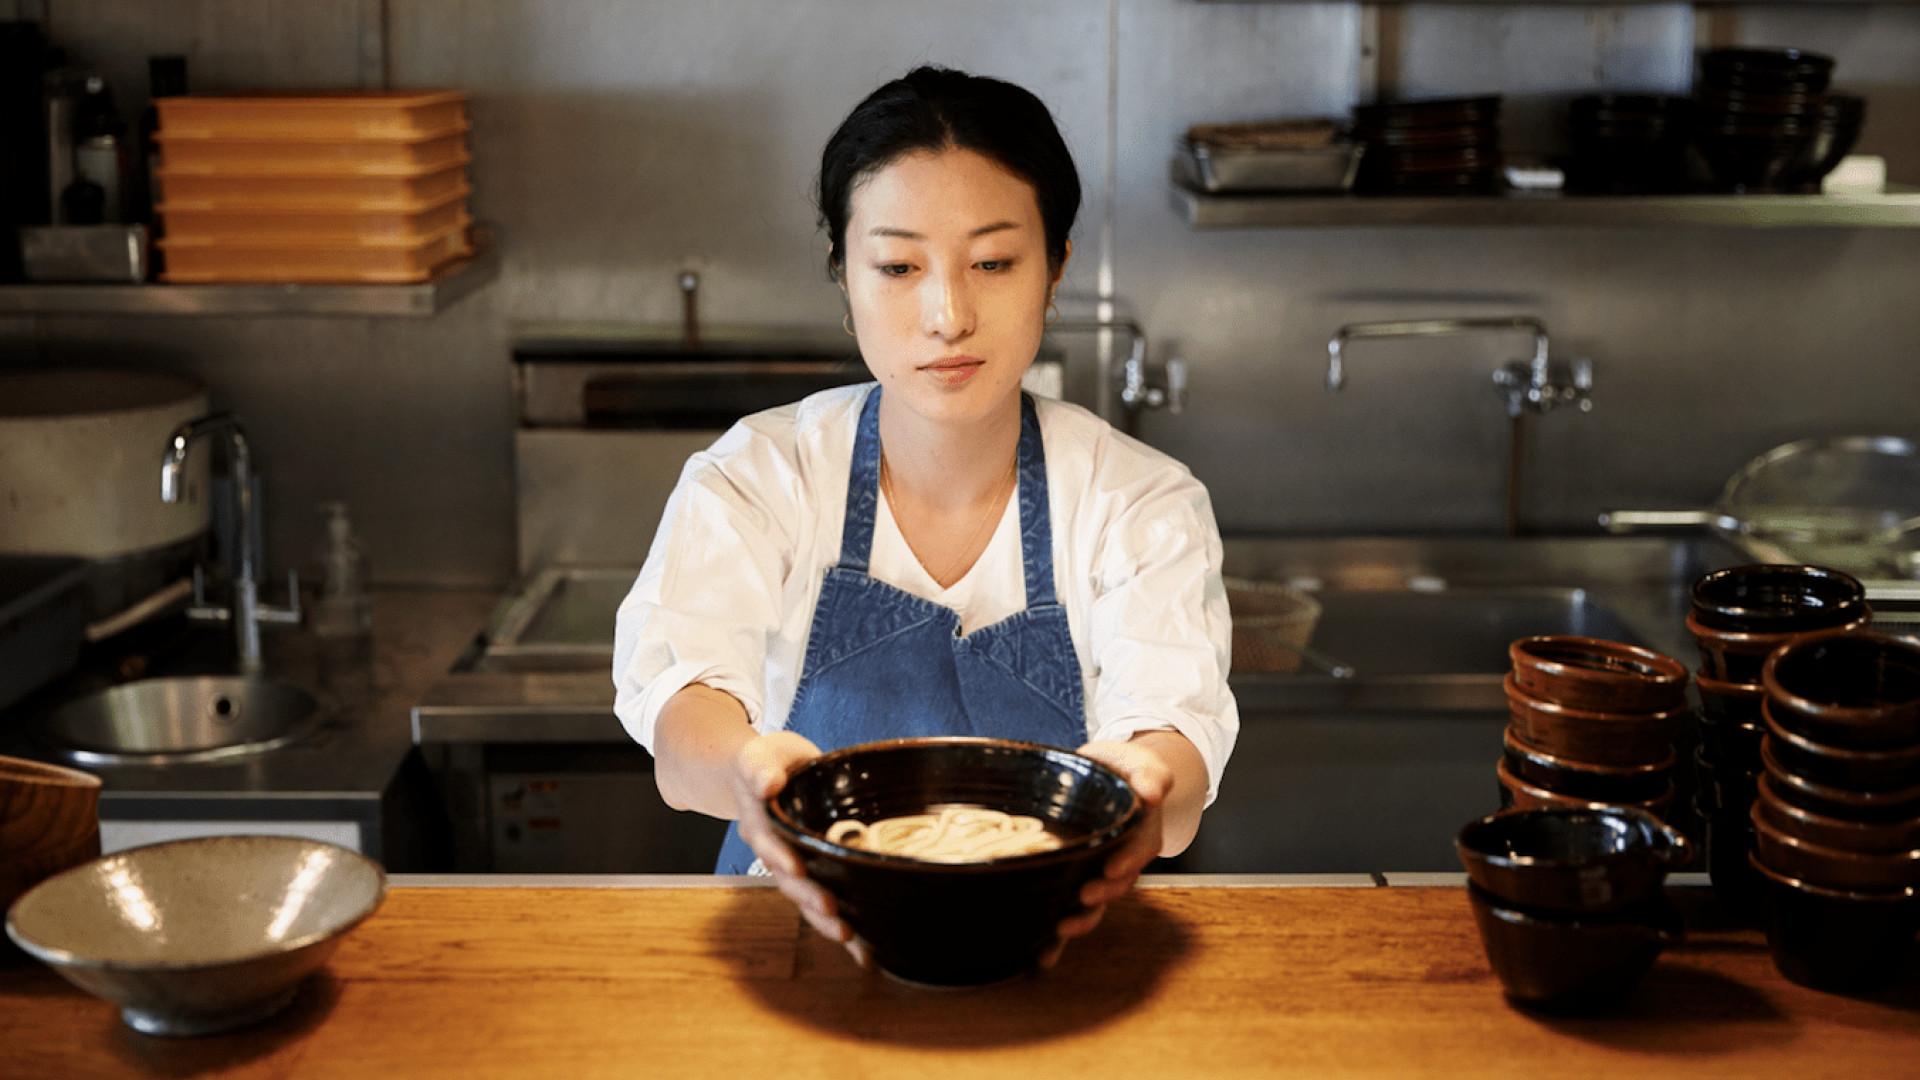 Shuko Oda